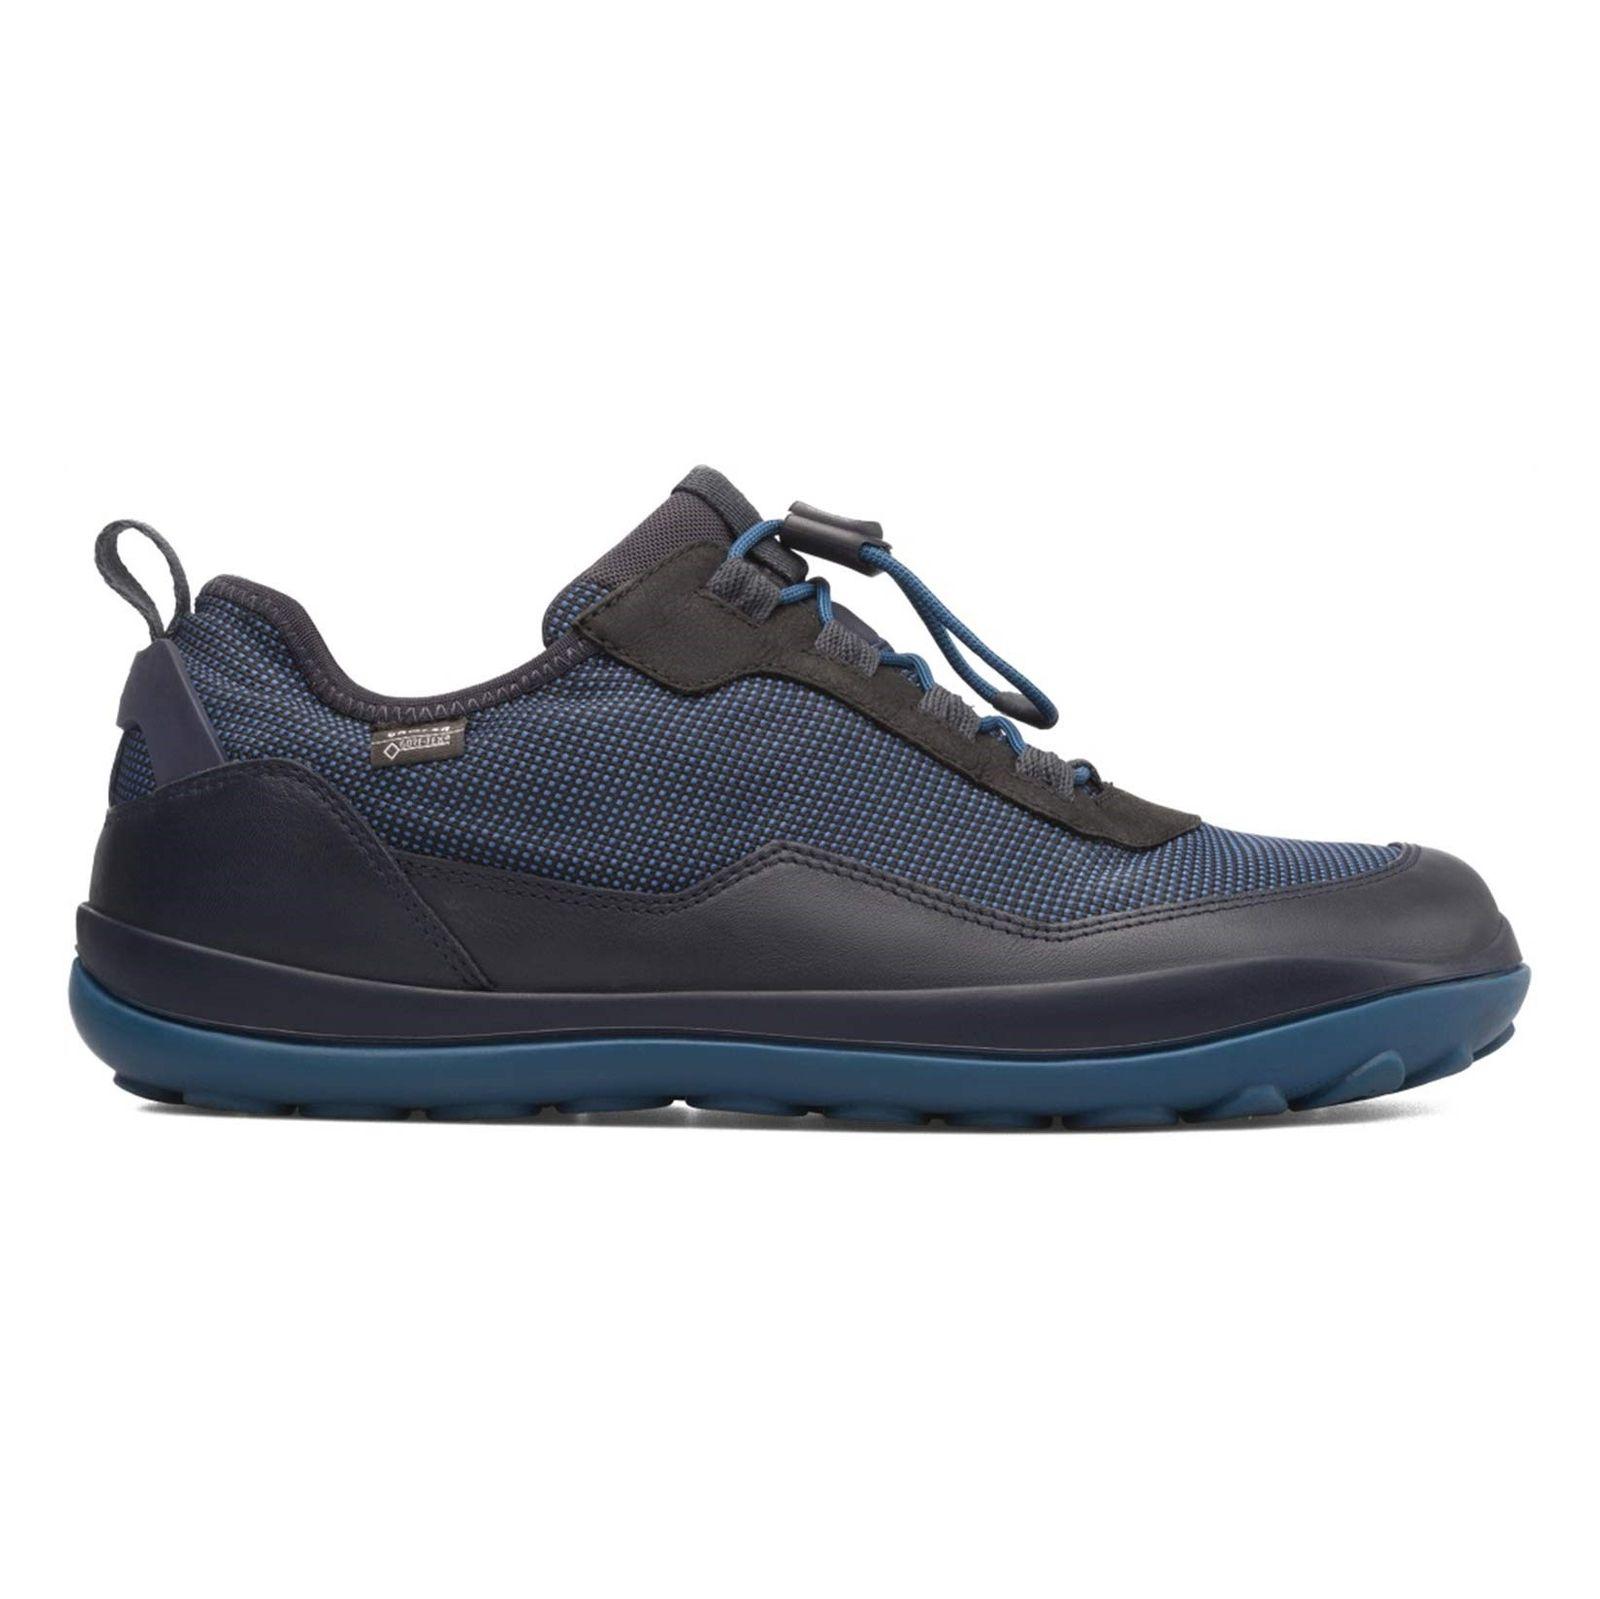 کفش طبیعت گردی بندی مردانه - کمپر - مشکي و سرمه اي - 2